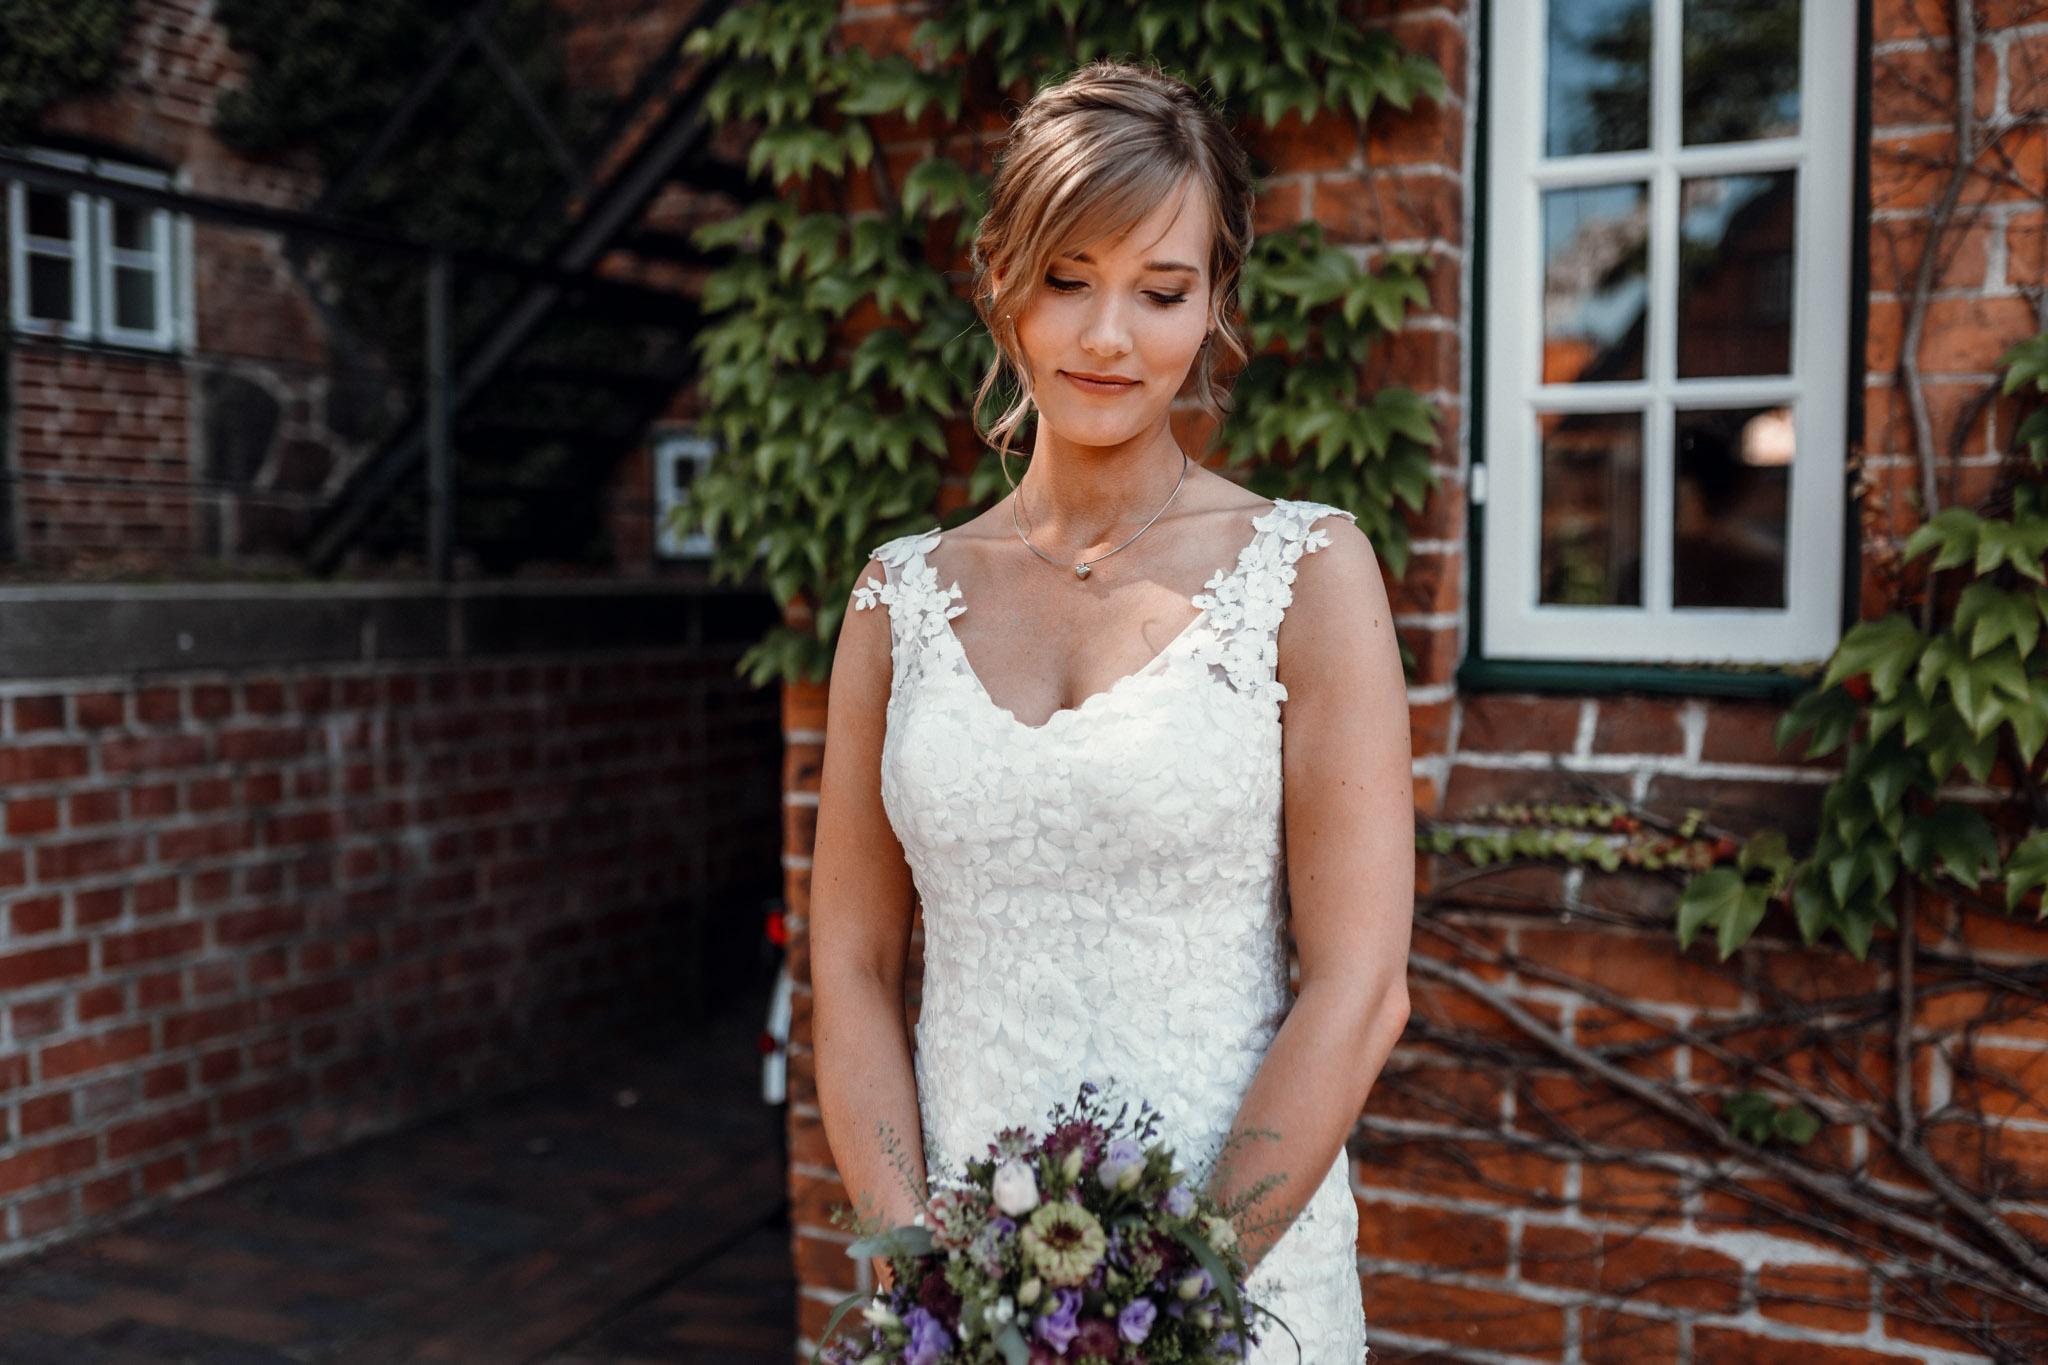 Sven Schomburg Hochzeitsfotografie, Hamburg, Mölln, Hochzeitsfieber by Photo-Schomburg, Hochzeitsreportage, Forsthaus Waldhusen, Braut, Bräutigam-20